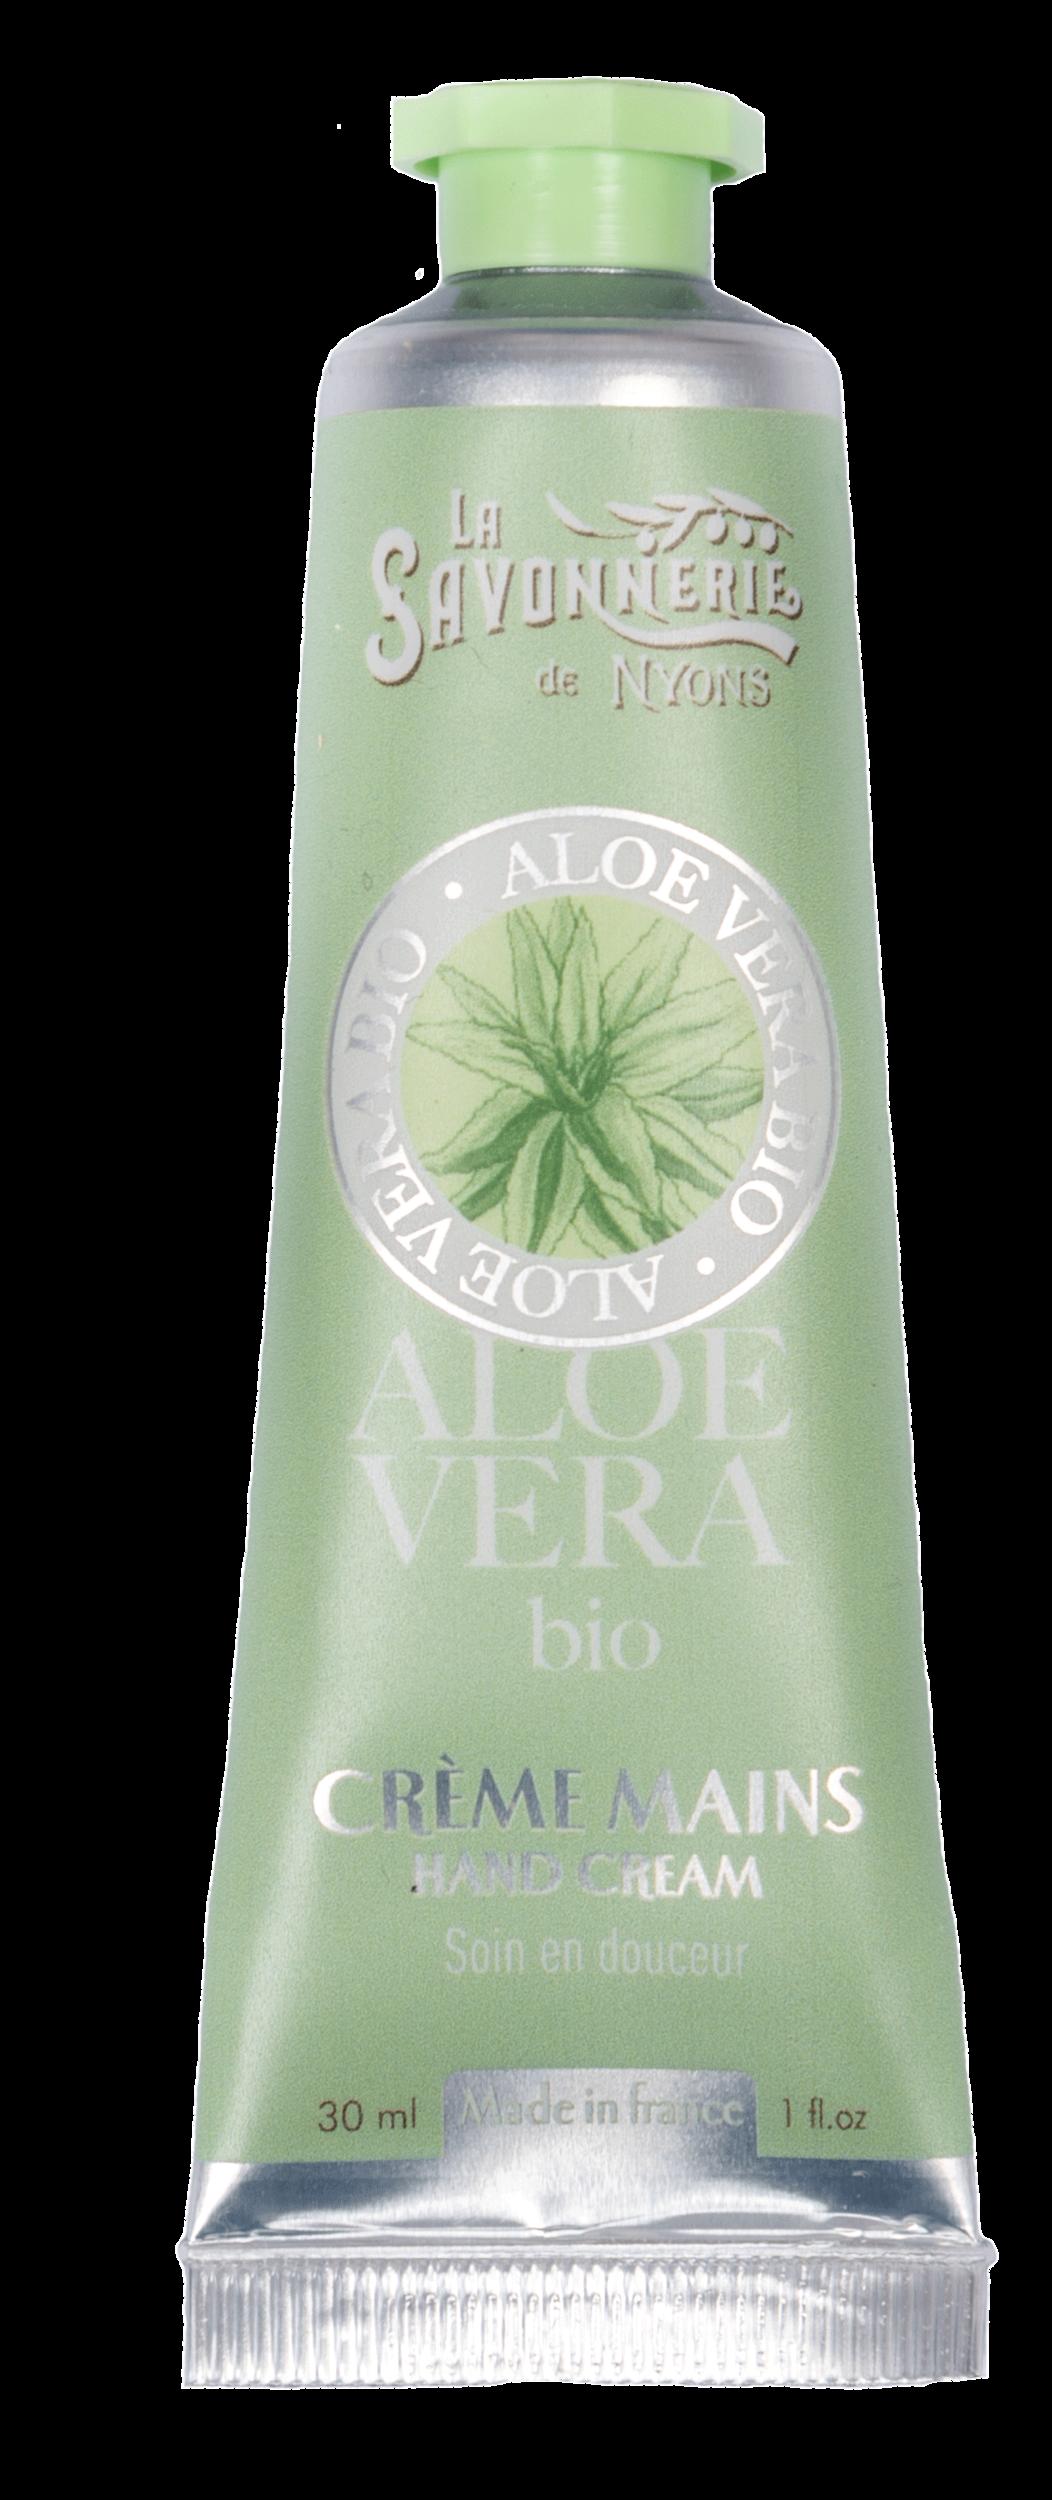 Crème Main Aloe Vera